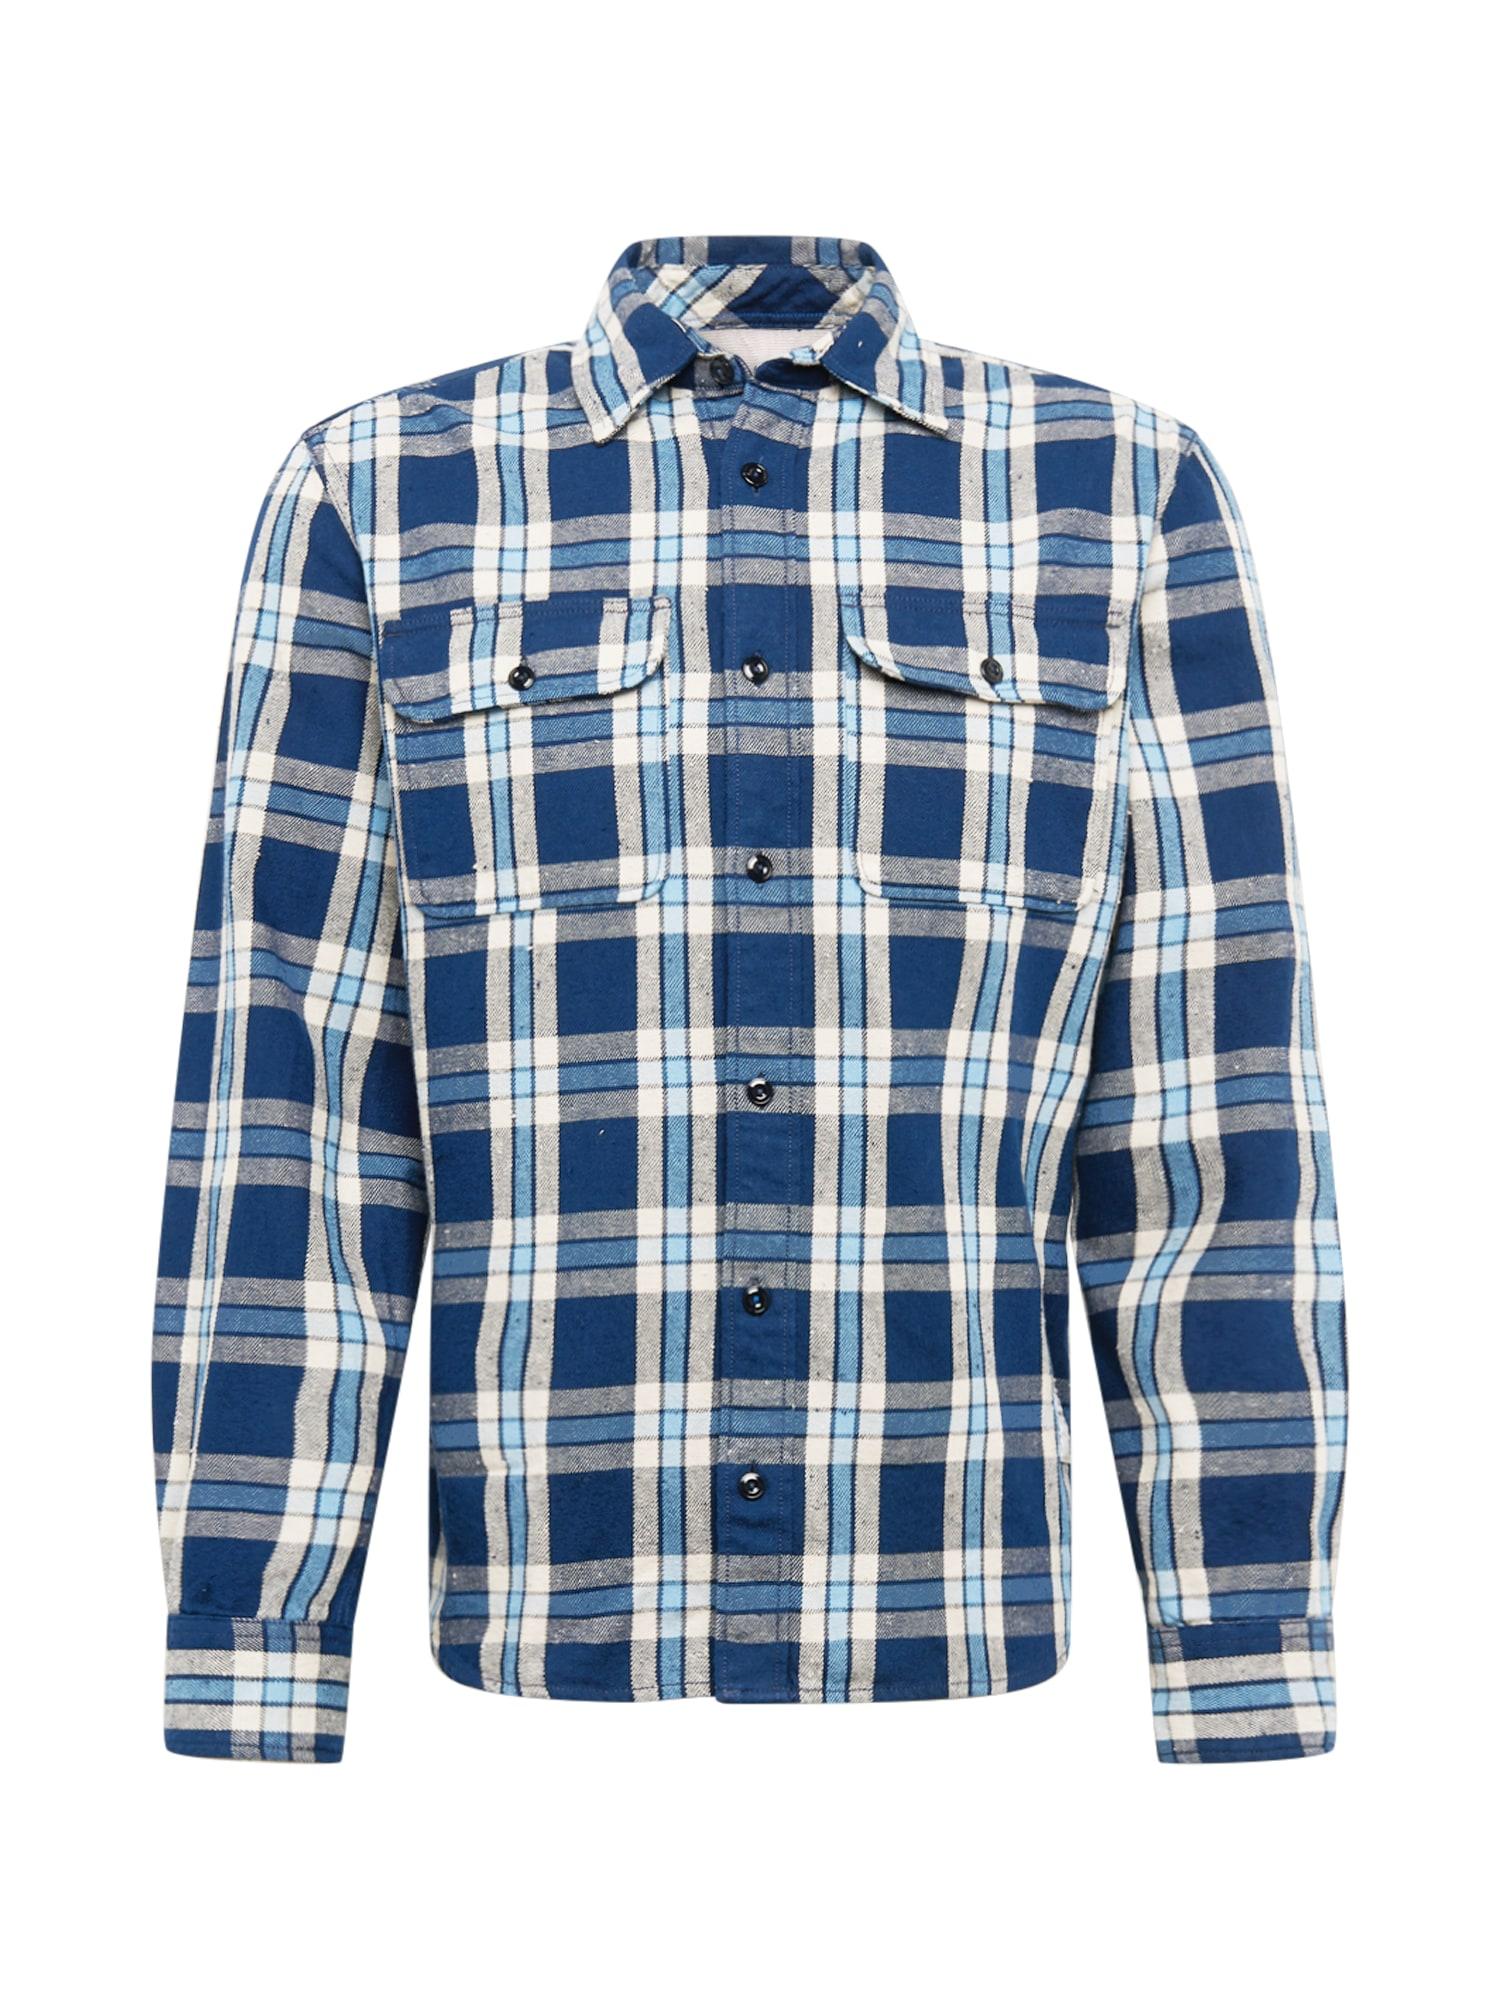 JACK & JONES Marškiniai tamsiai mėlyna / šviesiai mėlyna / balta